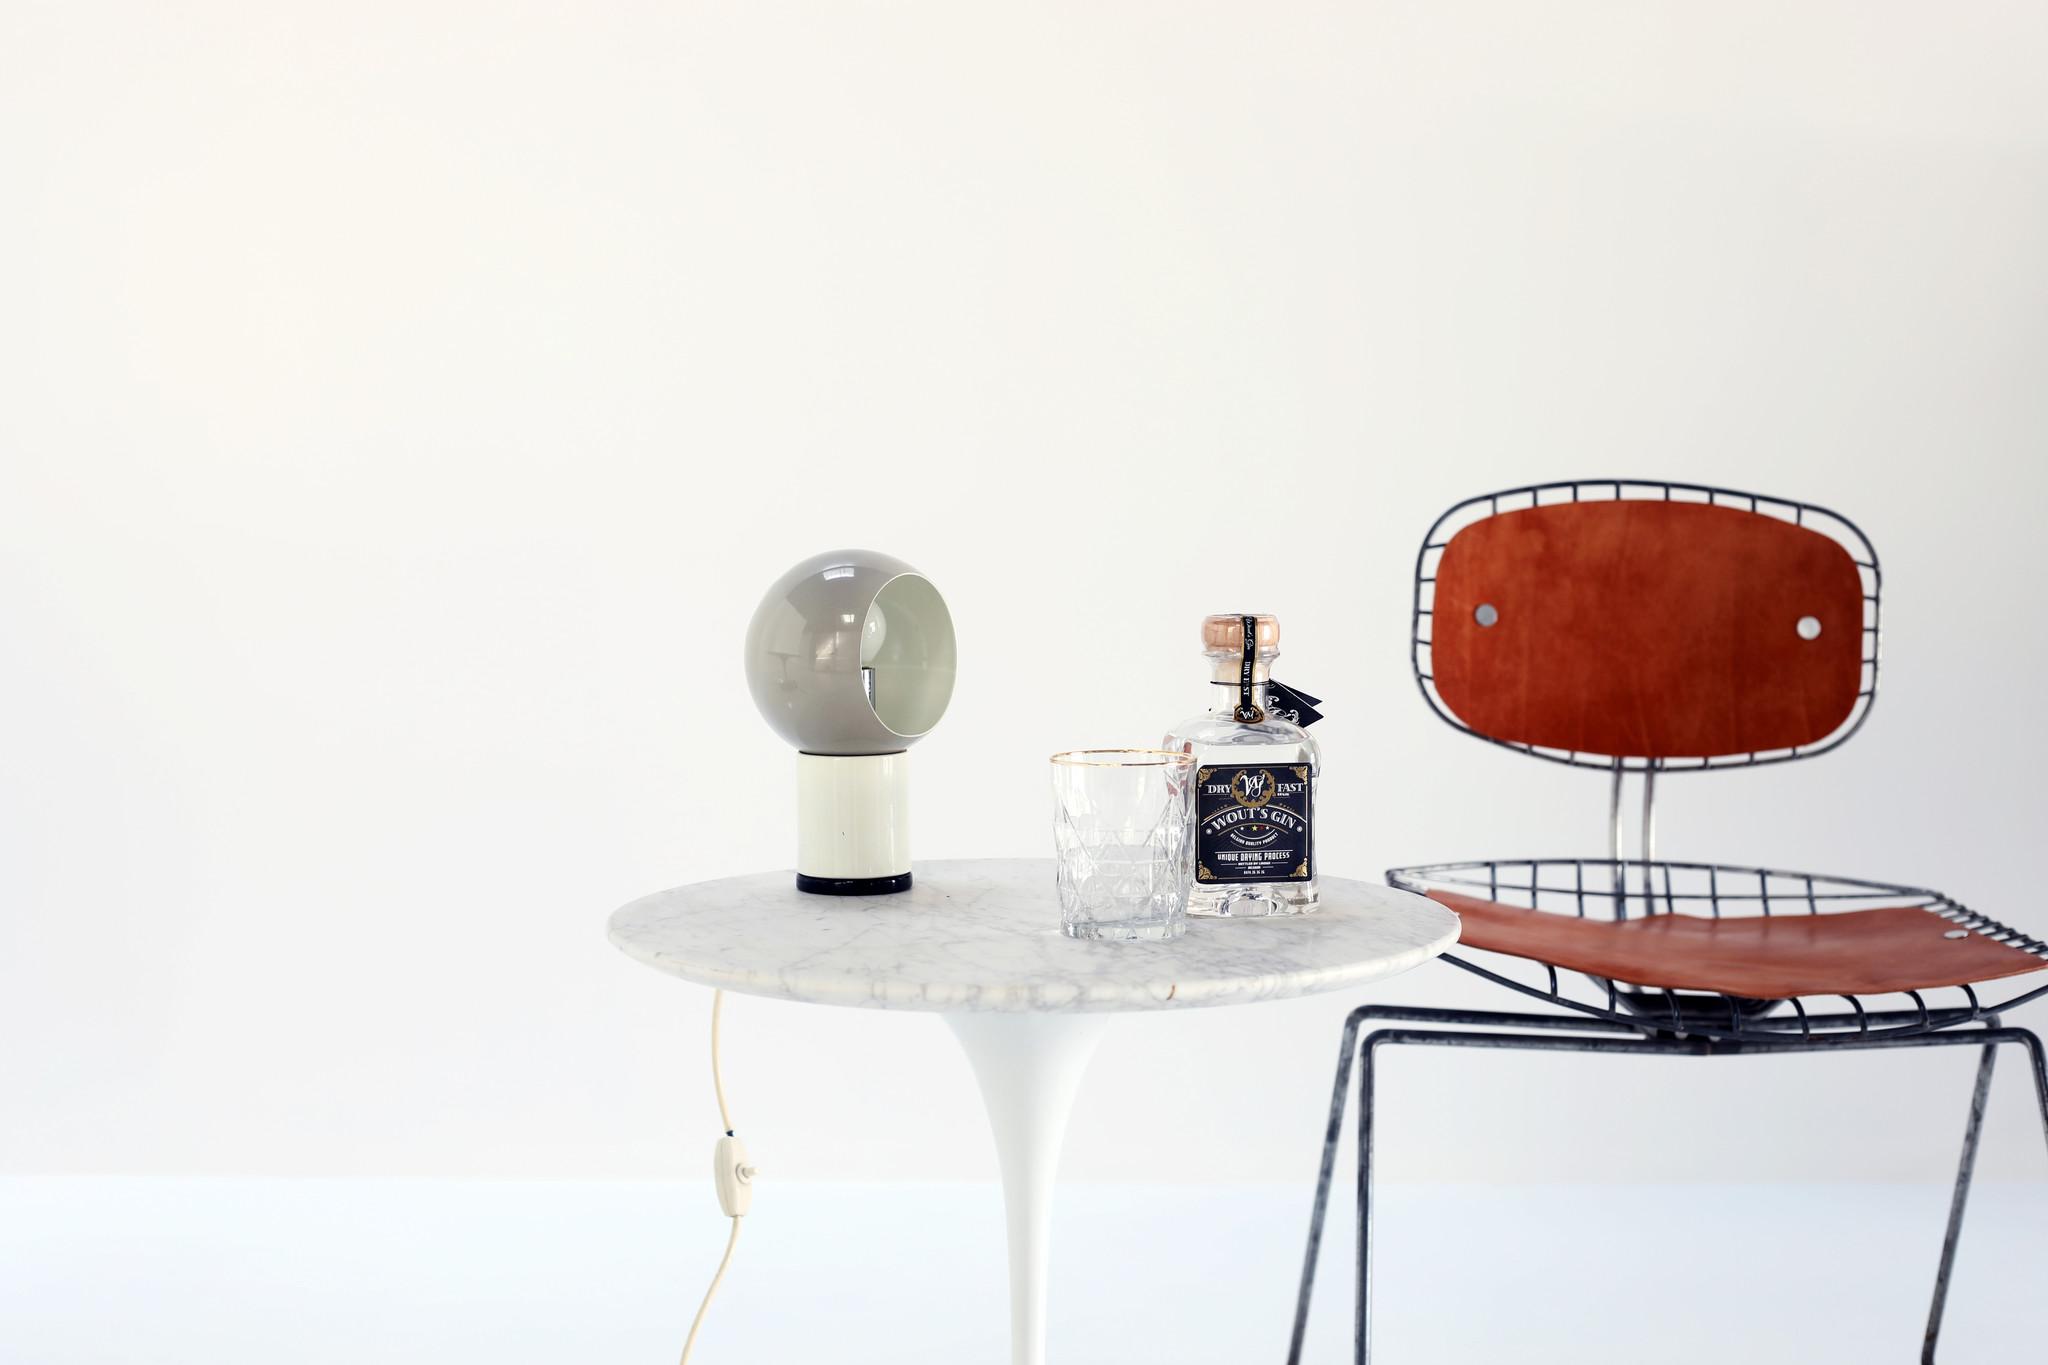 Gaetano Sciolari Toy table lamp